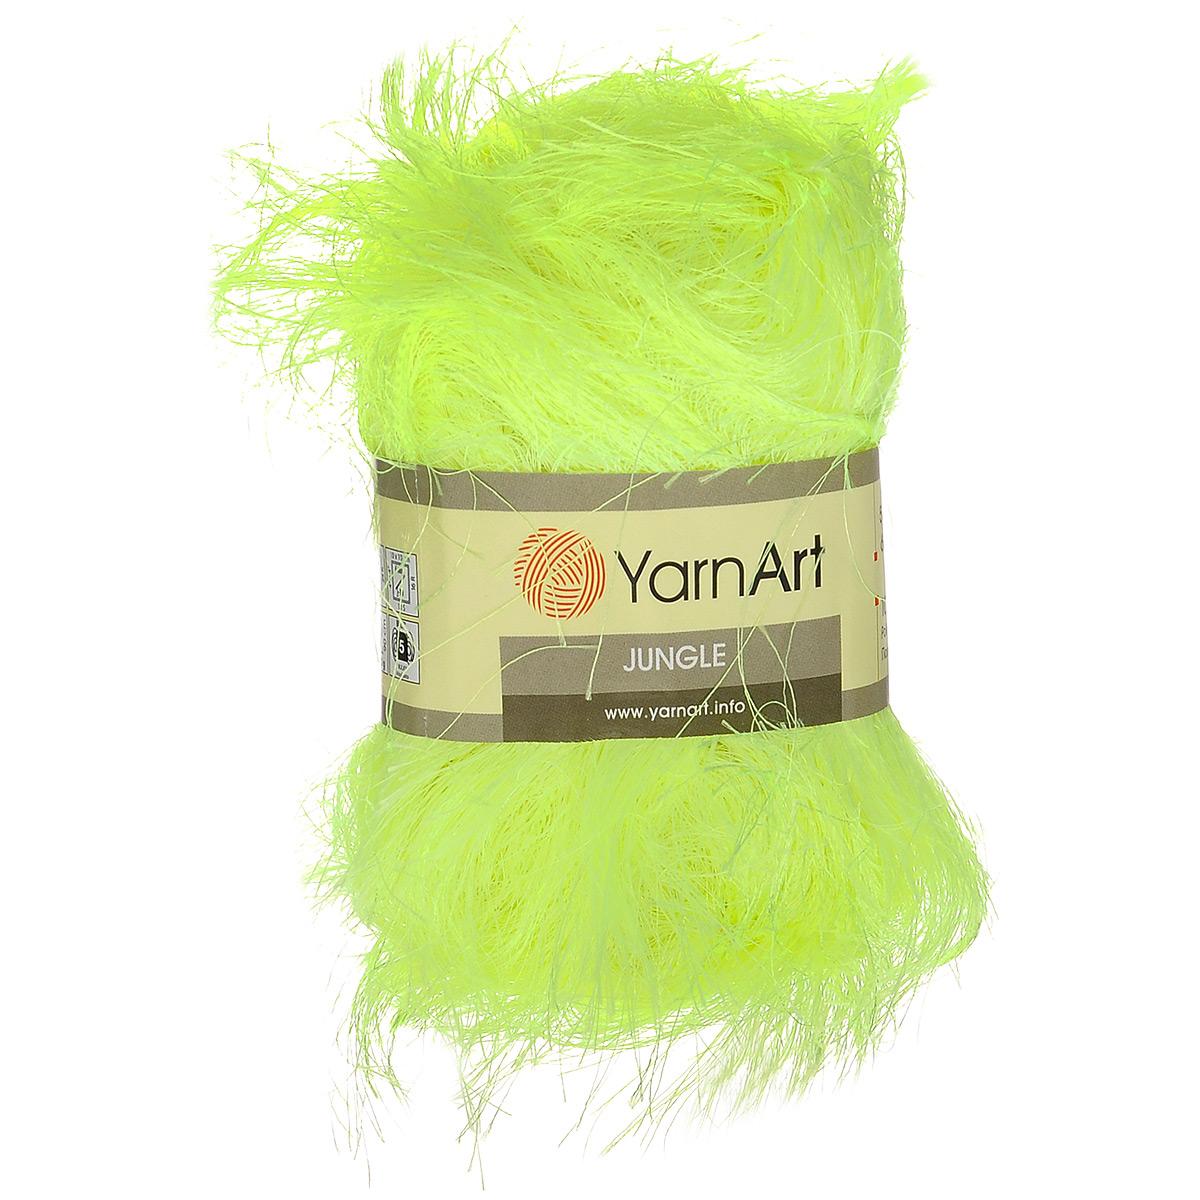 Пряжа для вязания YarnArt Jungle, цвет: салатовый (25), 60 м, 50 г, 10 шт372055_25Пряжа для вязания YarnArt Jungle изготовлена из полиэстера. Пряжа-травка предназначена для ручного вязания и идеально подходит для отделки. Готовый ворс получается равным 4 см. Рекомендованные спицы и крючок для вязания 6 мм. Комплектация: 10 мотков. Состав: 100% полиэстер.